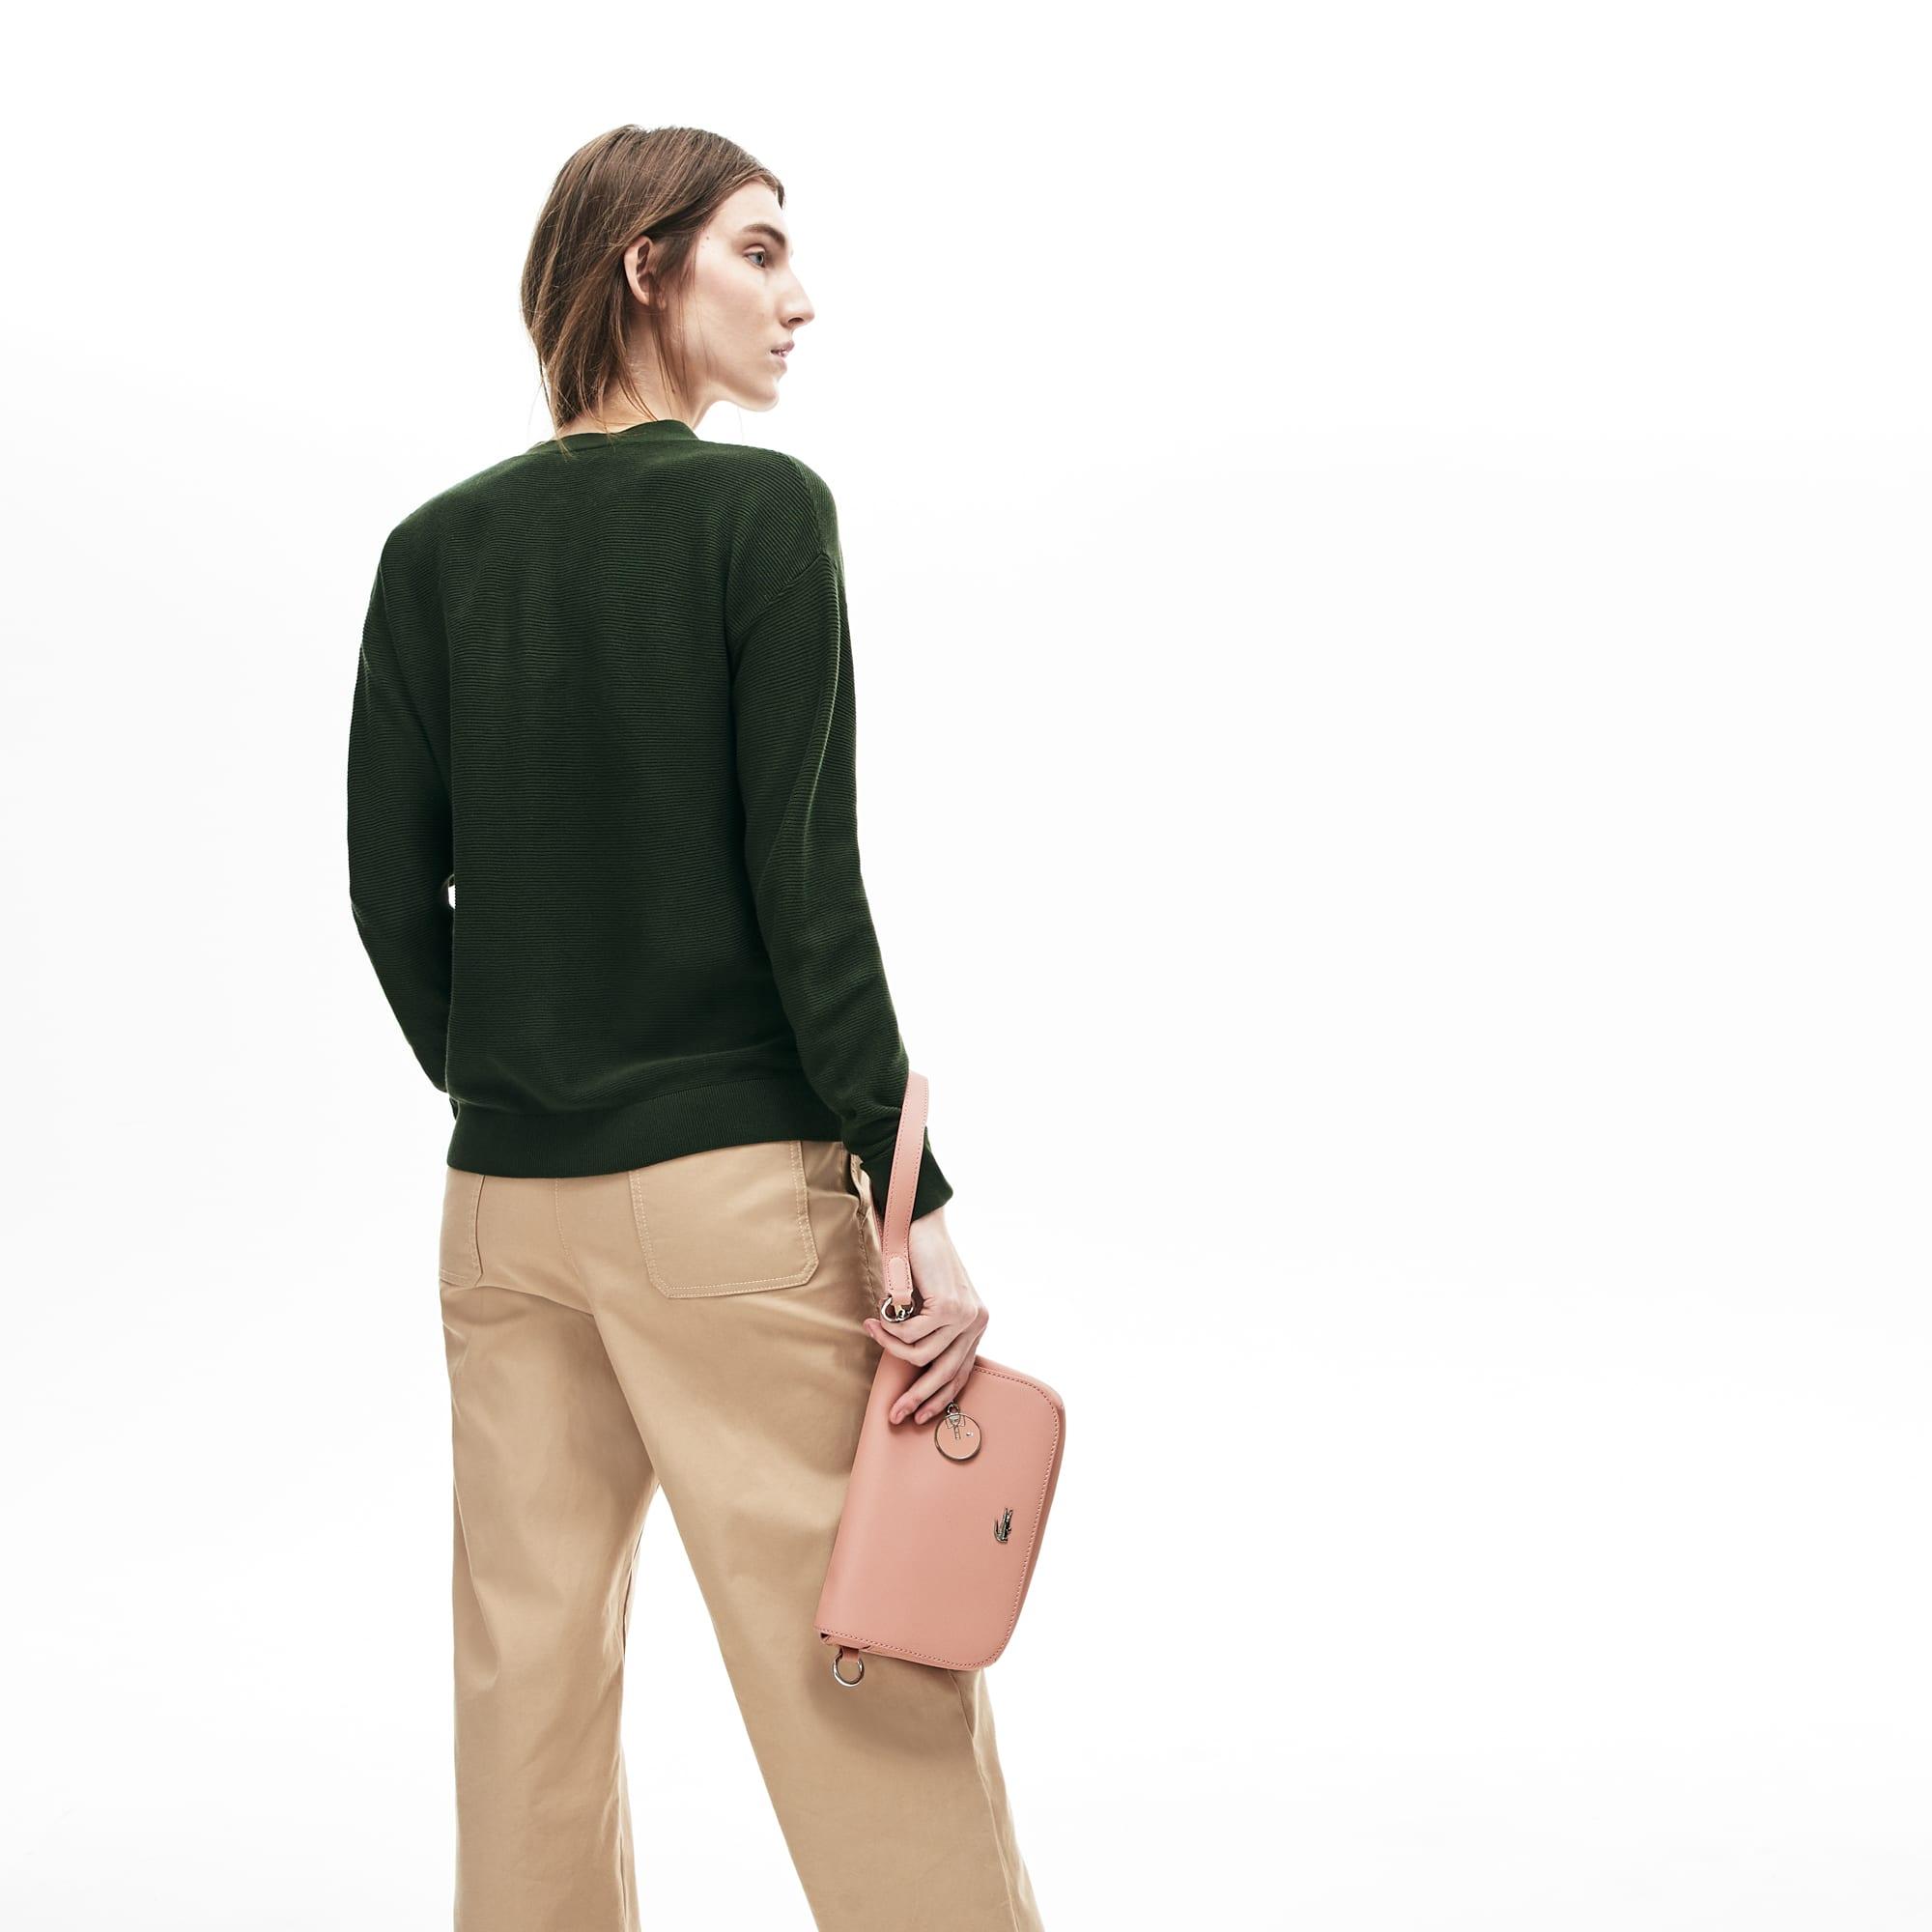 caf0293f5b Sacs à main, sacs cabas et sacs seau   Maroquinerie Femme   Lacoste